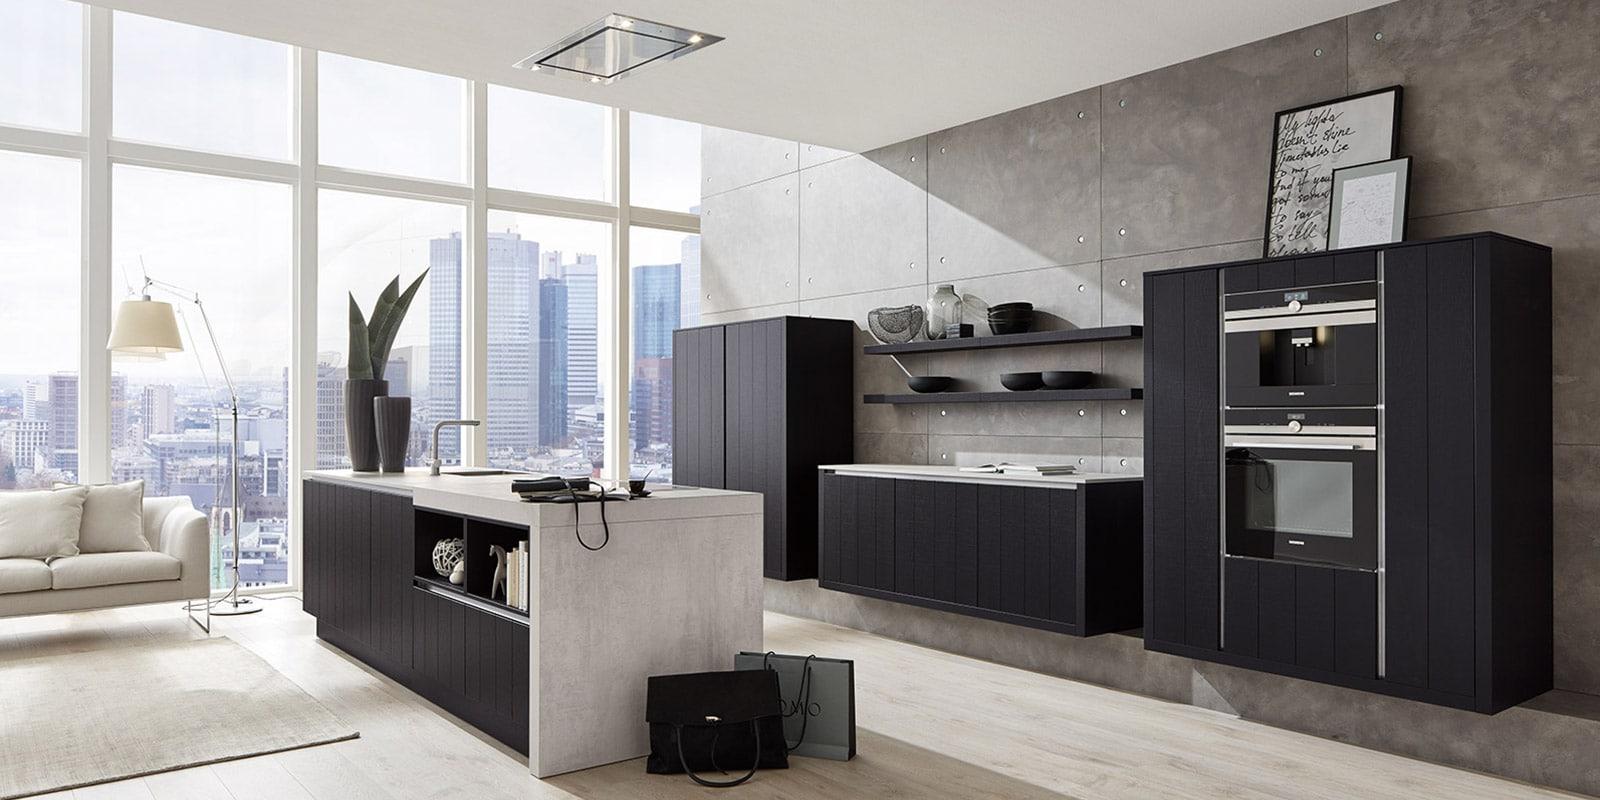 SD Objekt Küche - KüchenDesignMagazin-Lassen Sie sich inspirieren